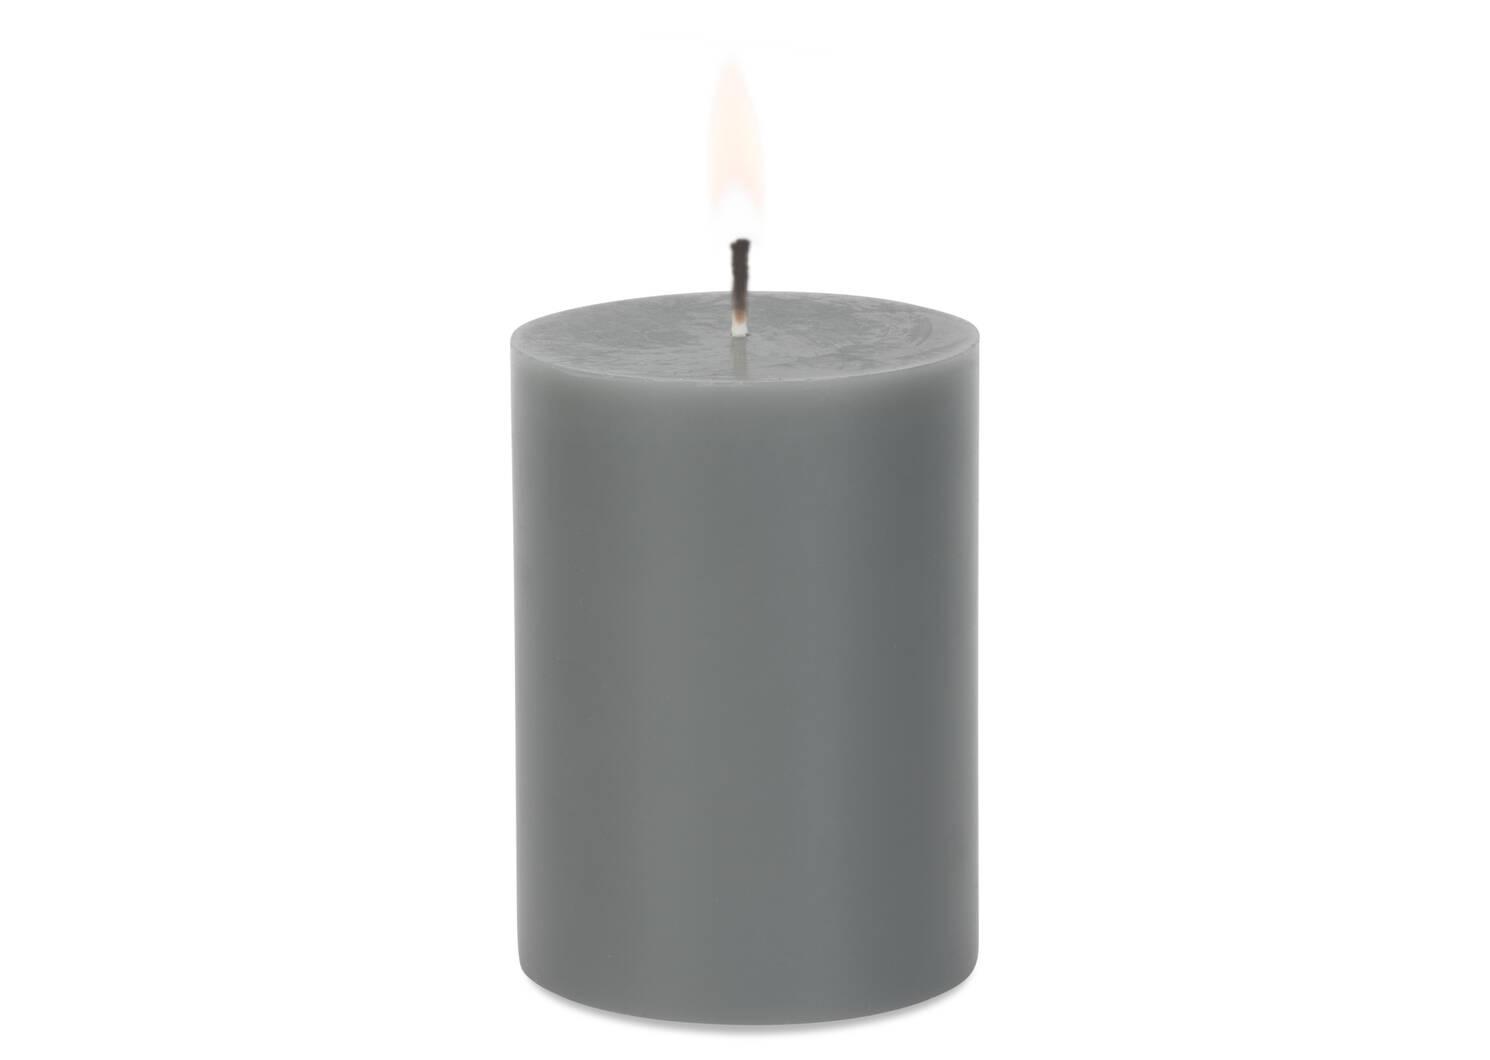 Bougie non-parfumée Cassa 3x4 grise